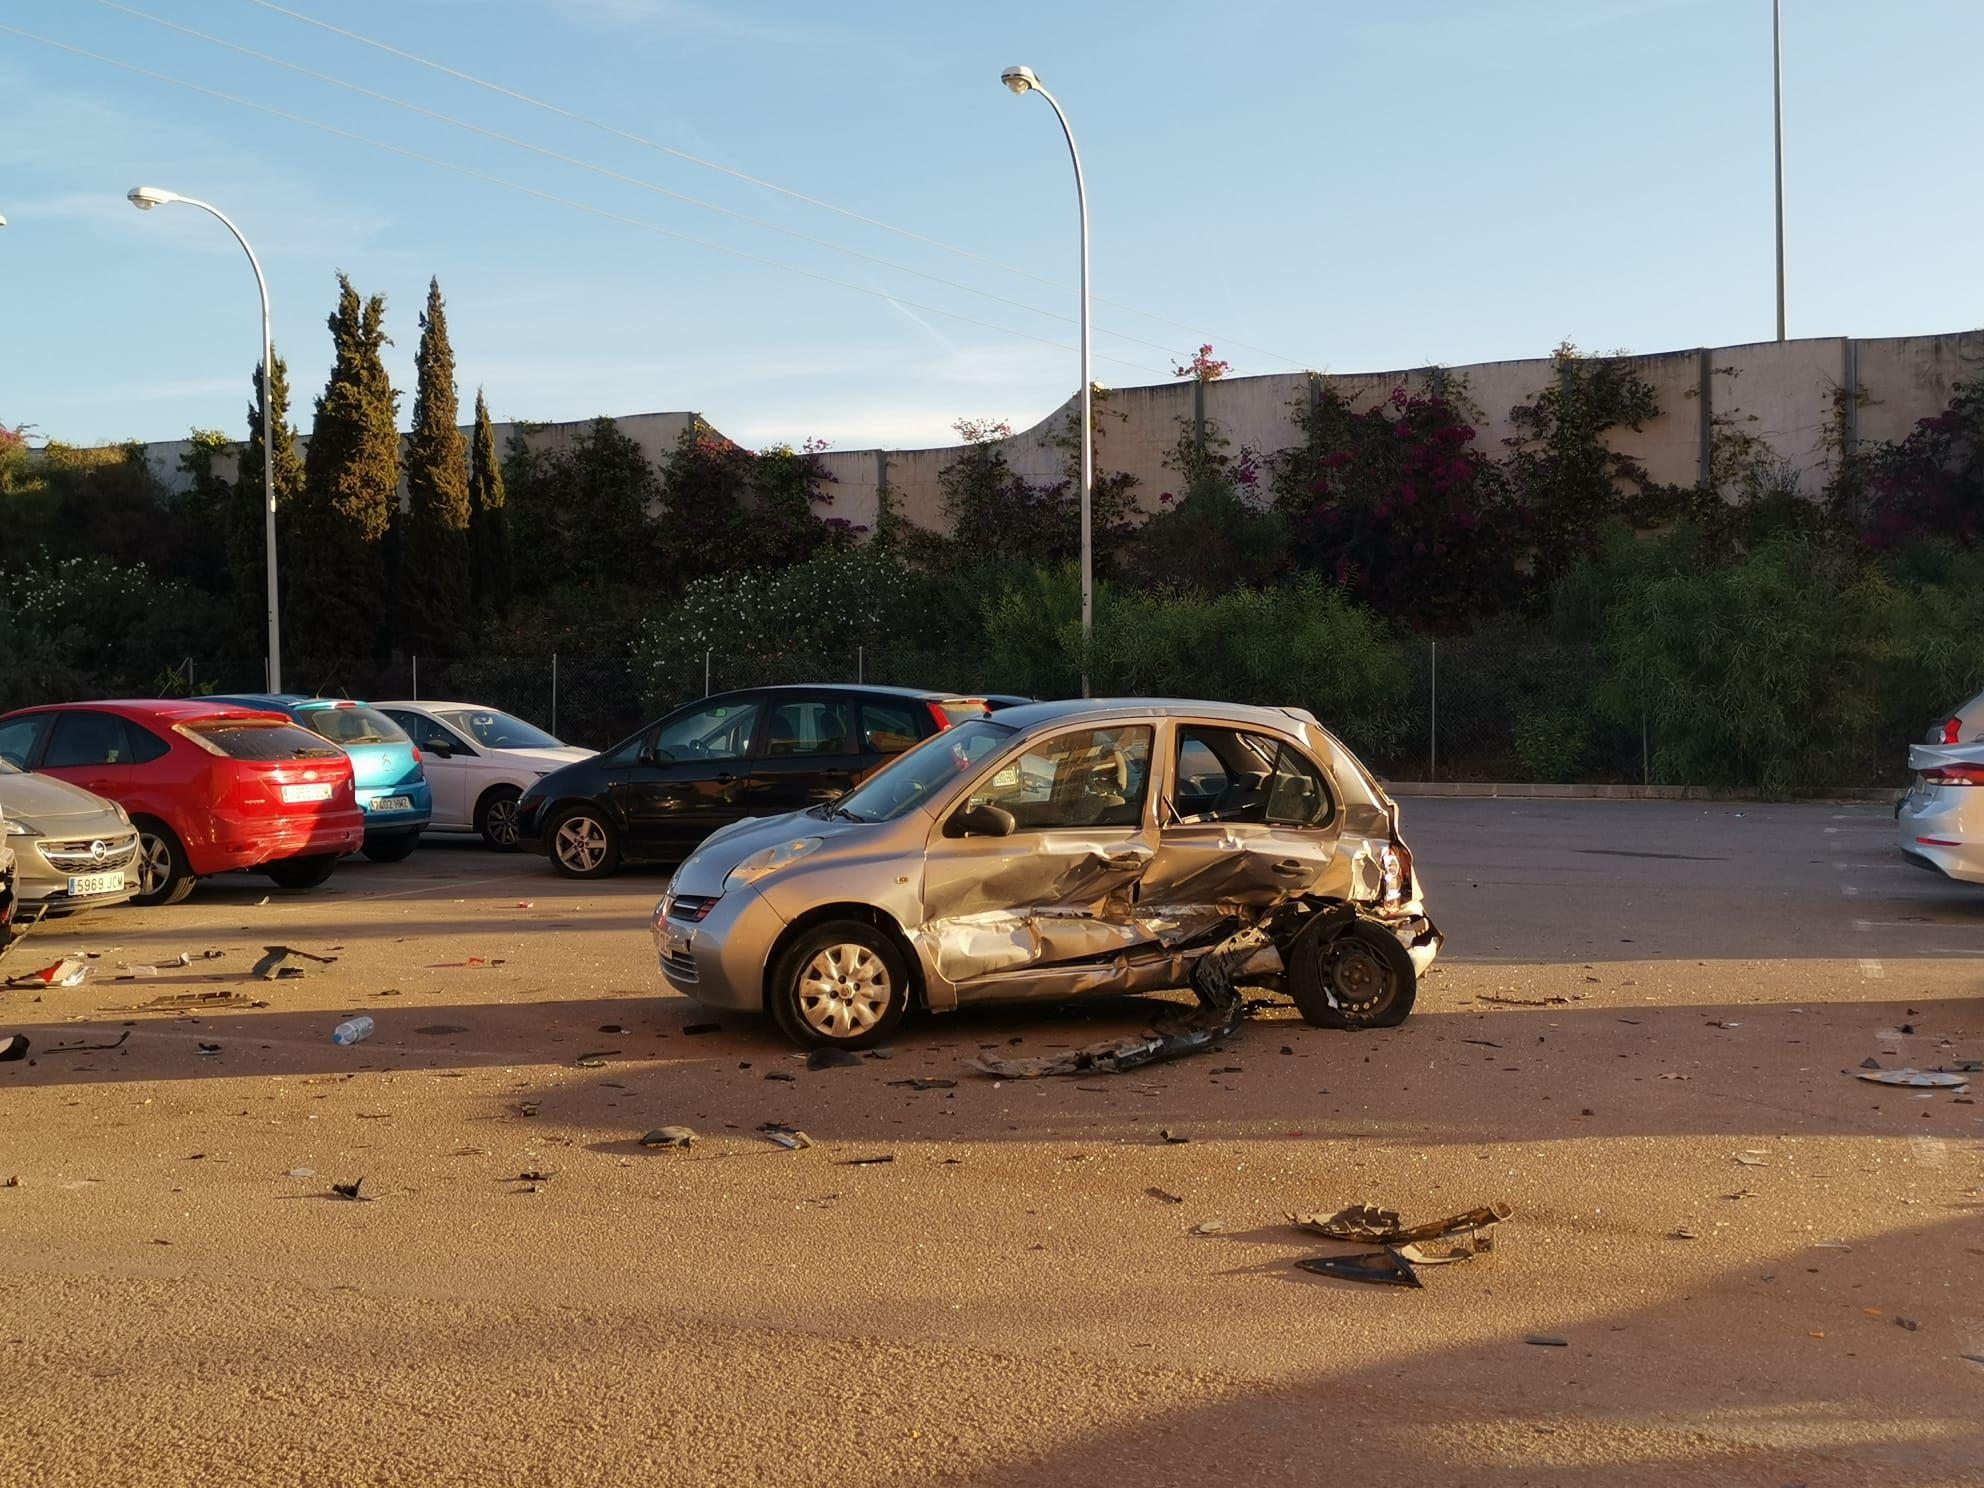 Tres hombres se escapan tras destrozar tres vehículos con su coche en Son Oliva